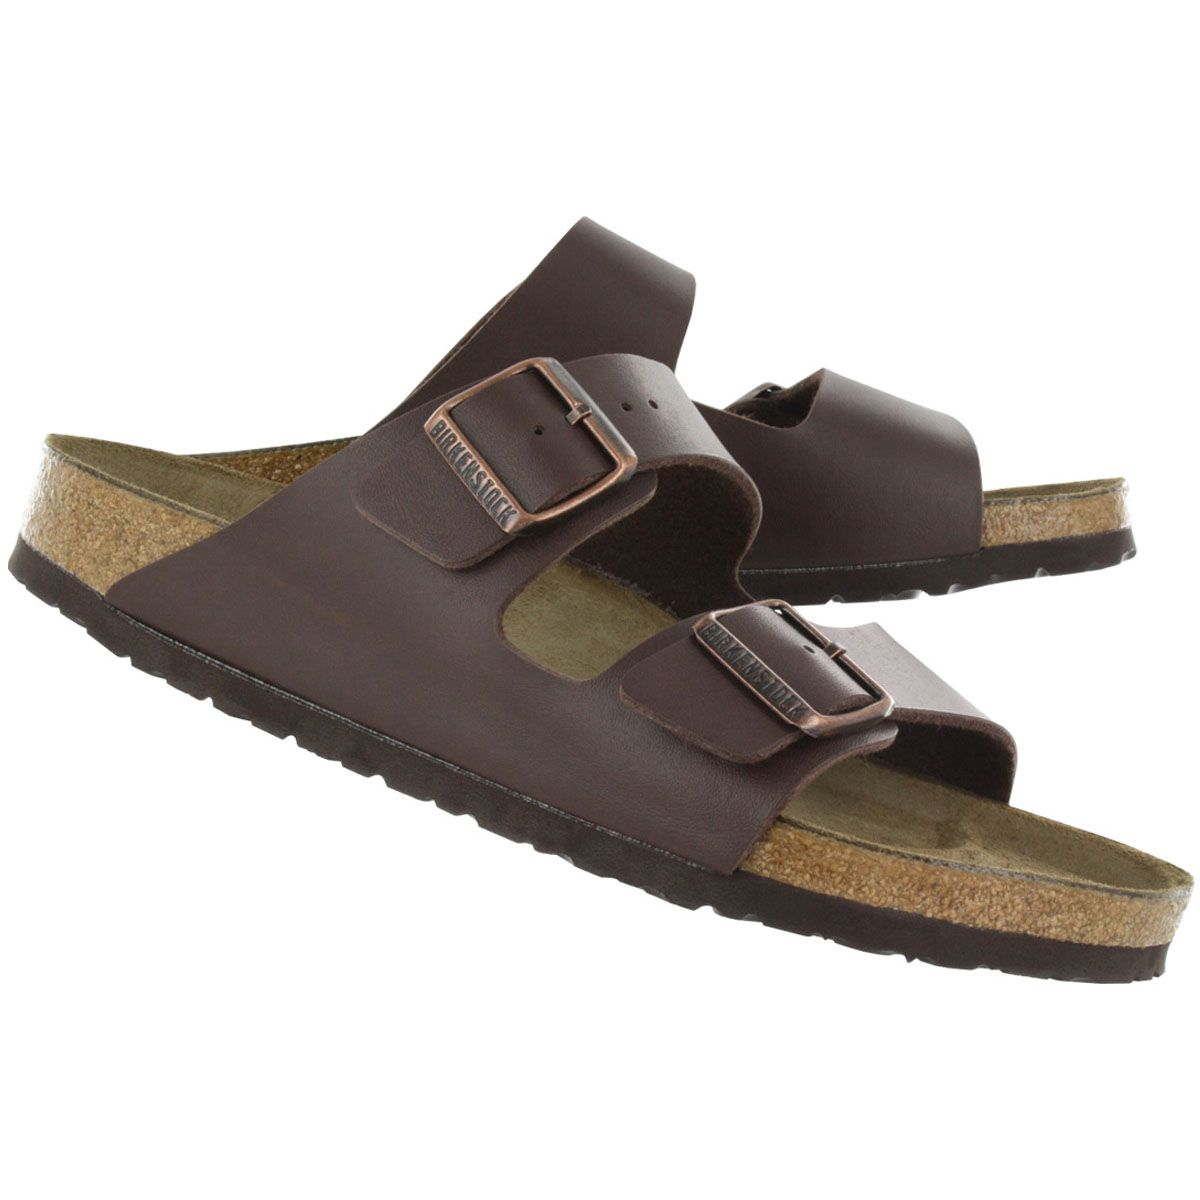 Birkenstock Men's ARIZONA brown 2 strap sandals 051701 m